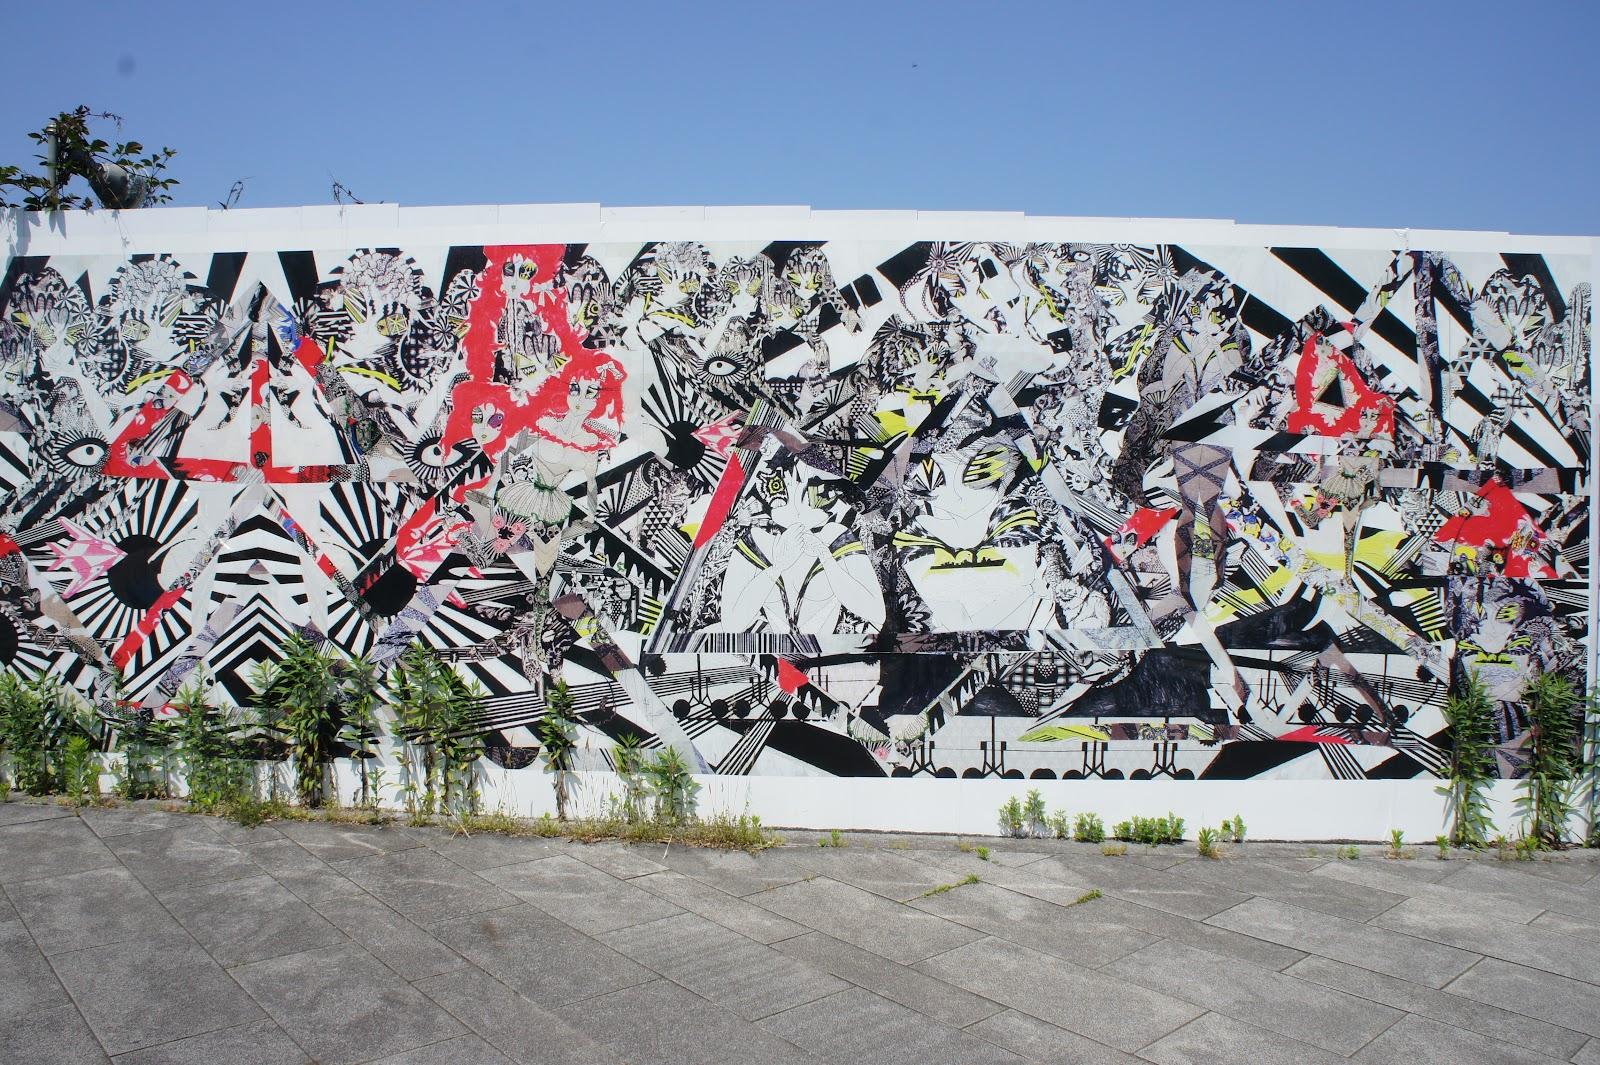 Yokohama graffiti wall - A Cool Graffiti Wall In Yokohama